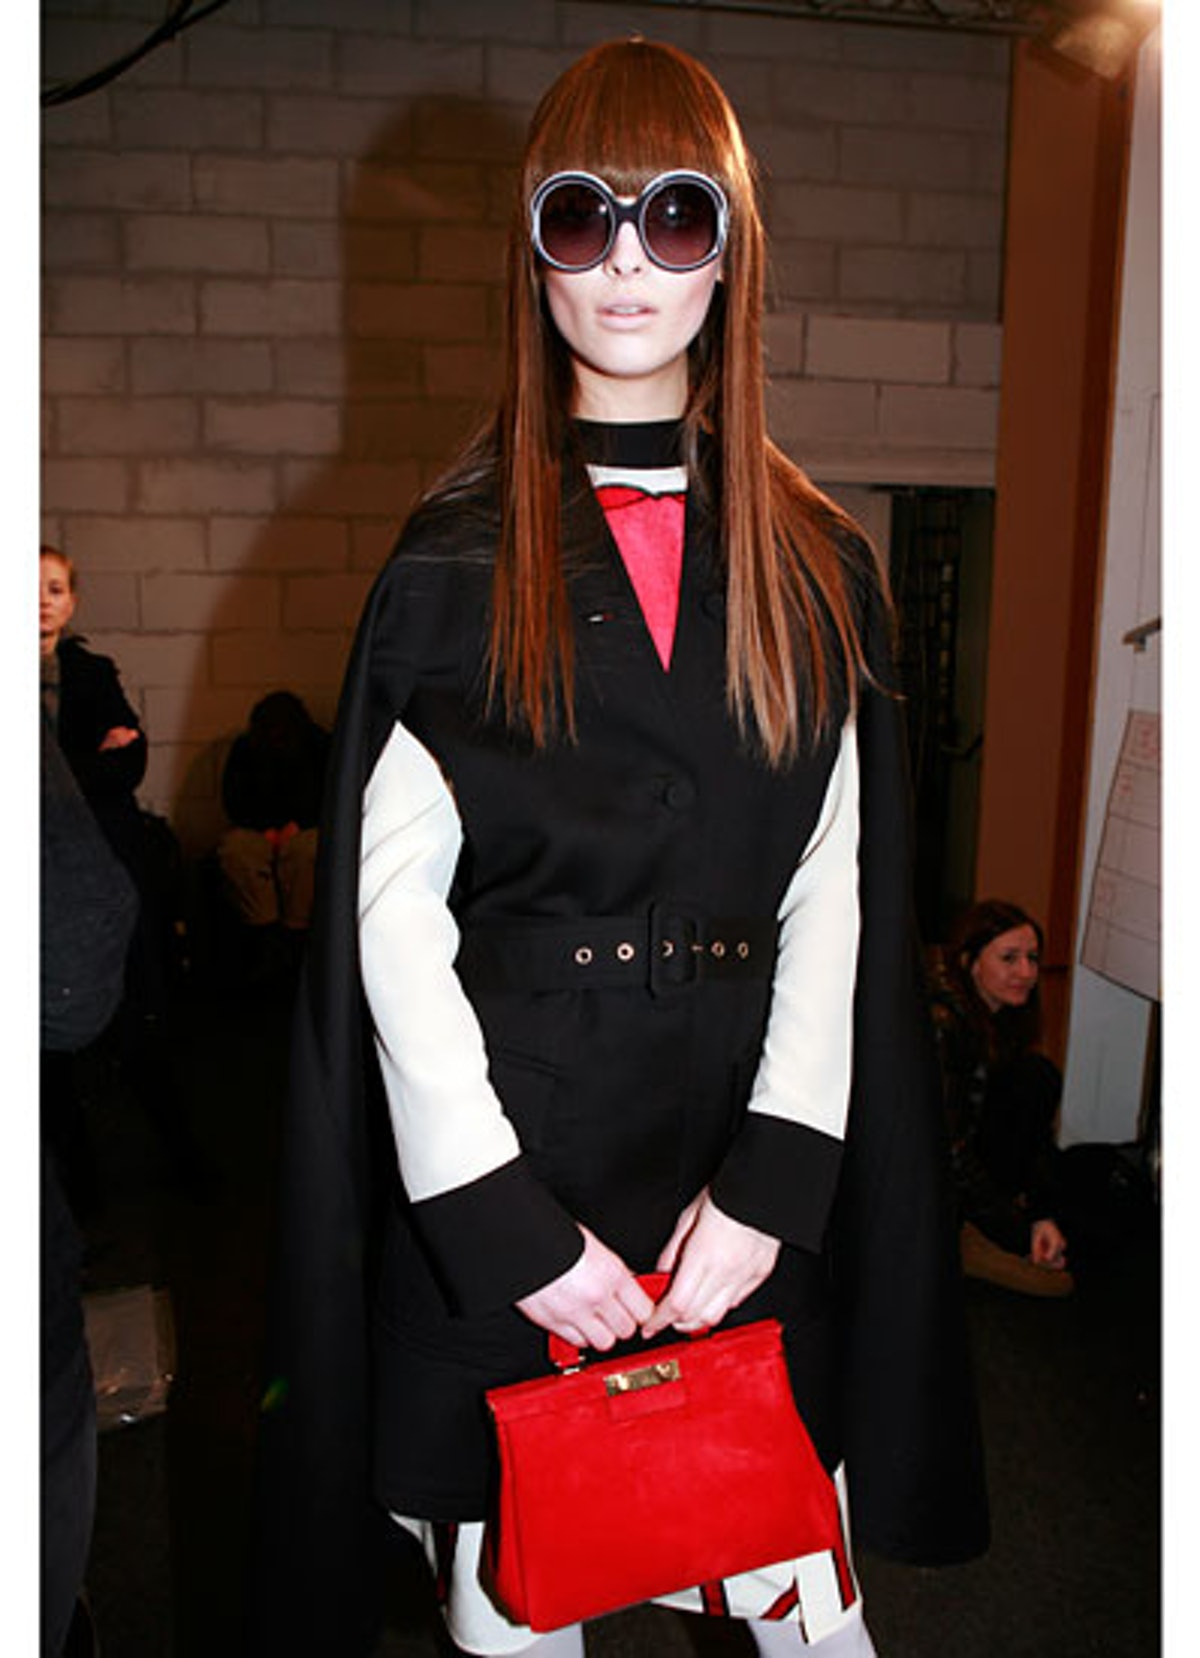 acss-milan-handbags-06-v.jpg